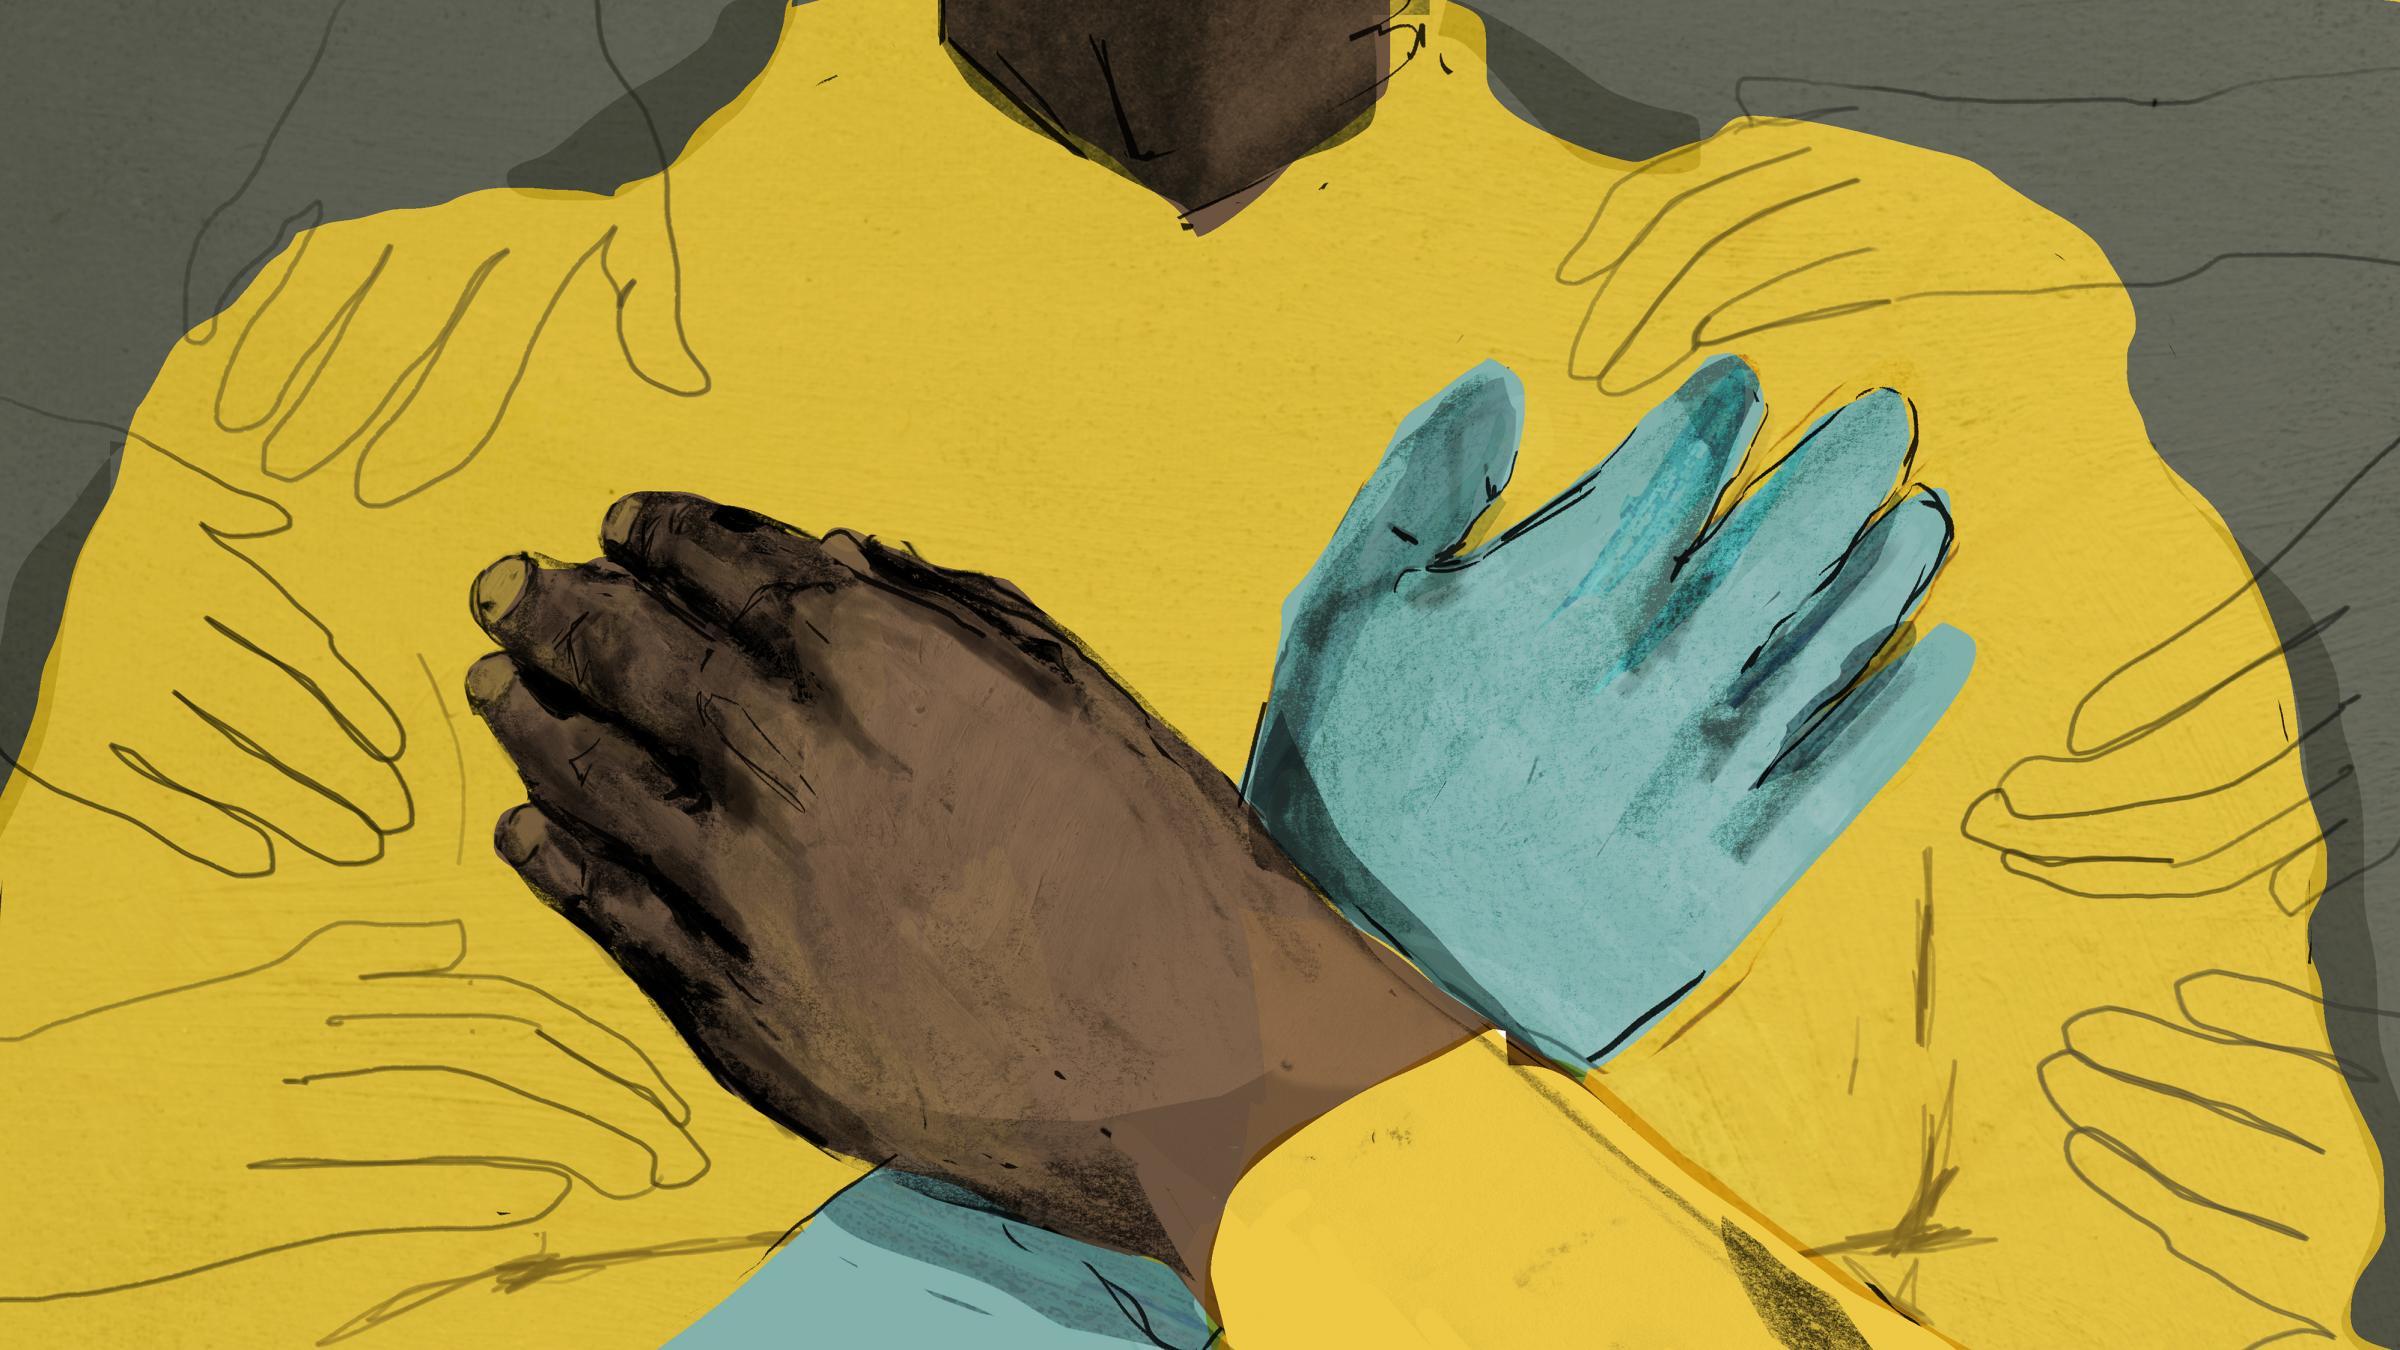 донор спасает семь жизней картинка